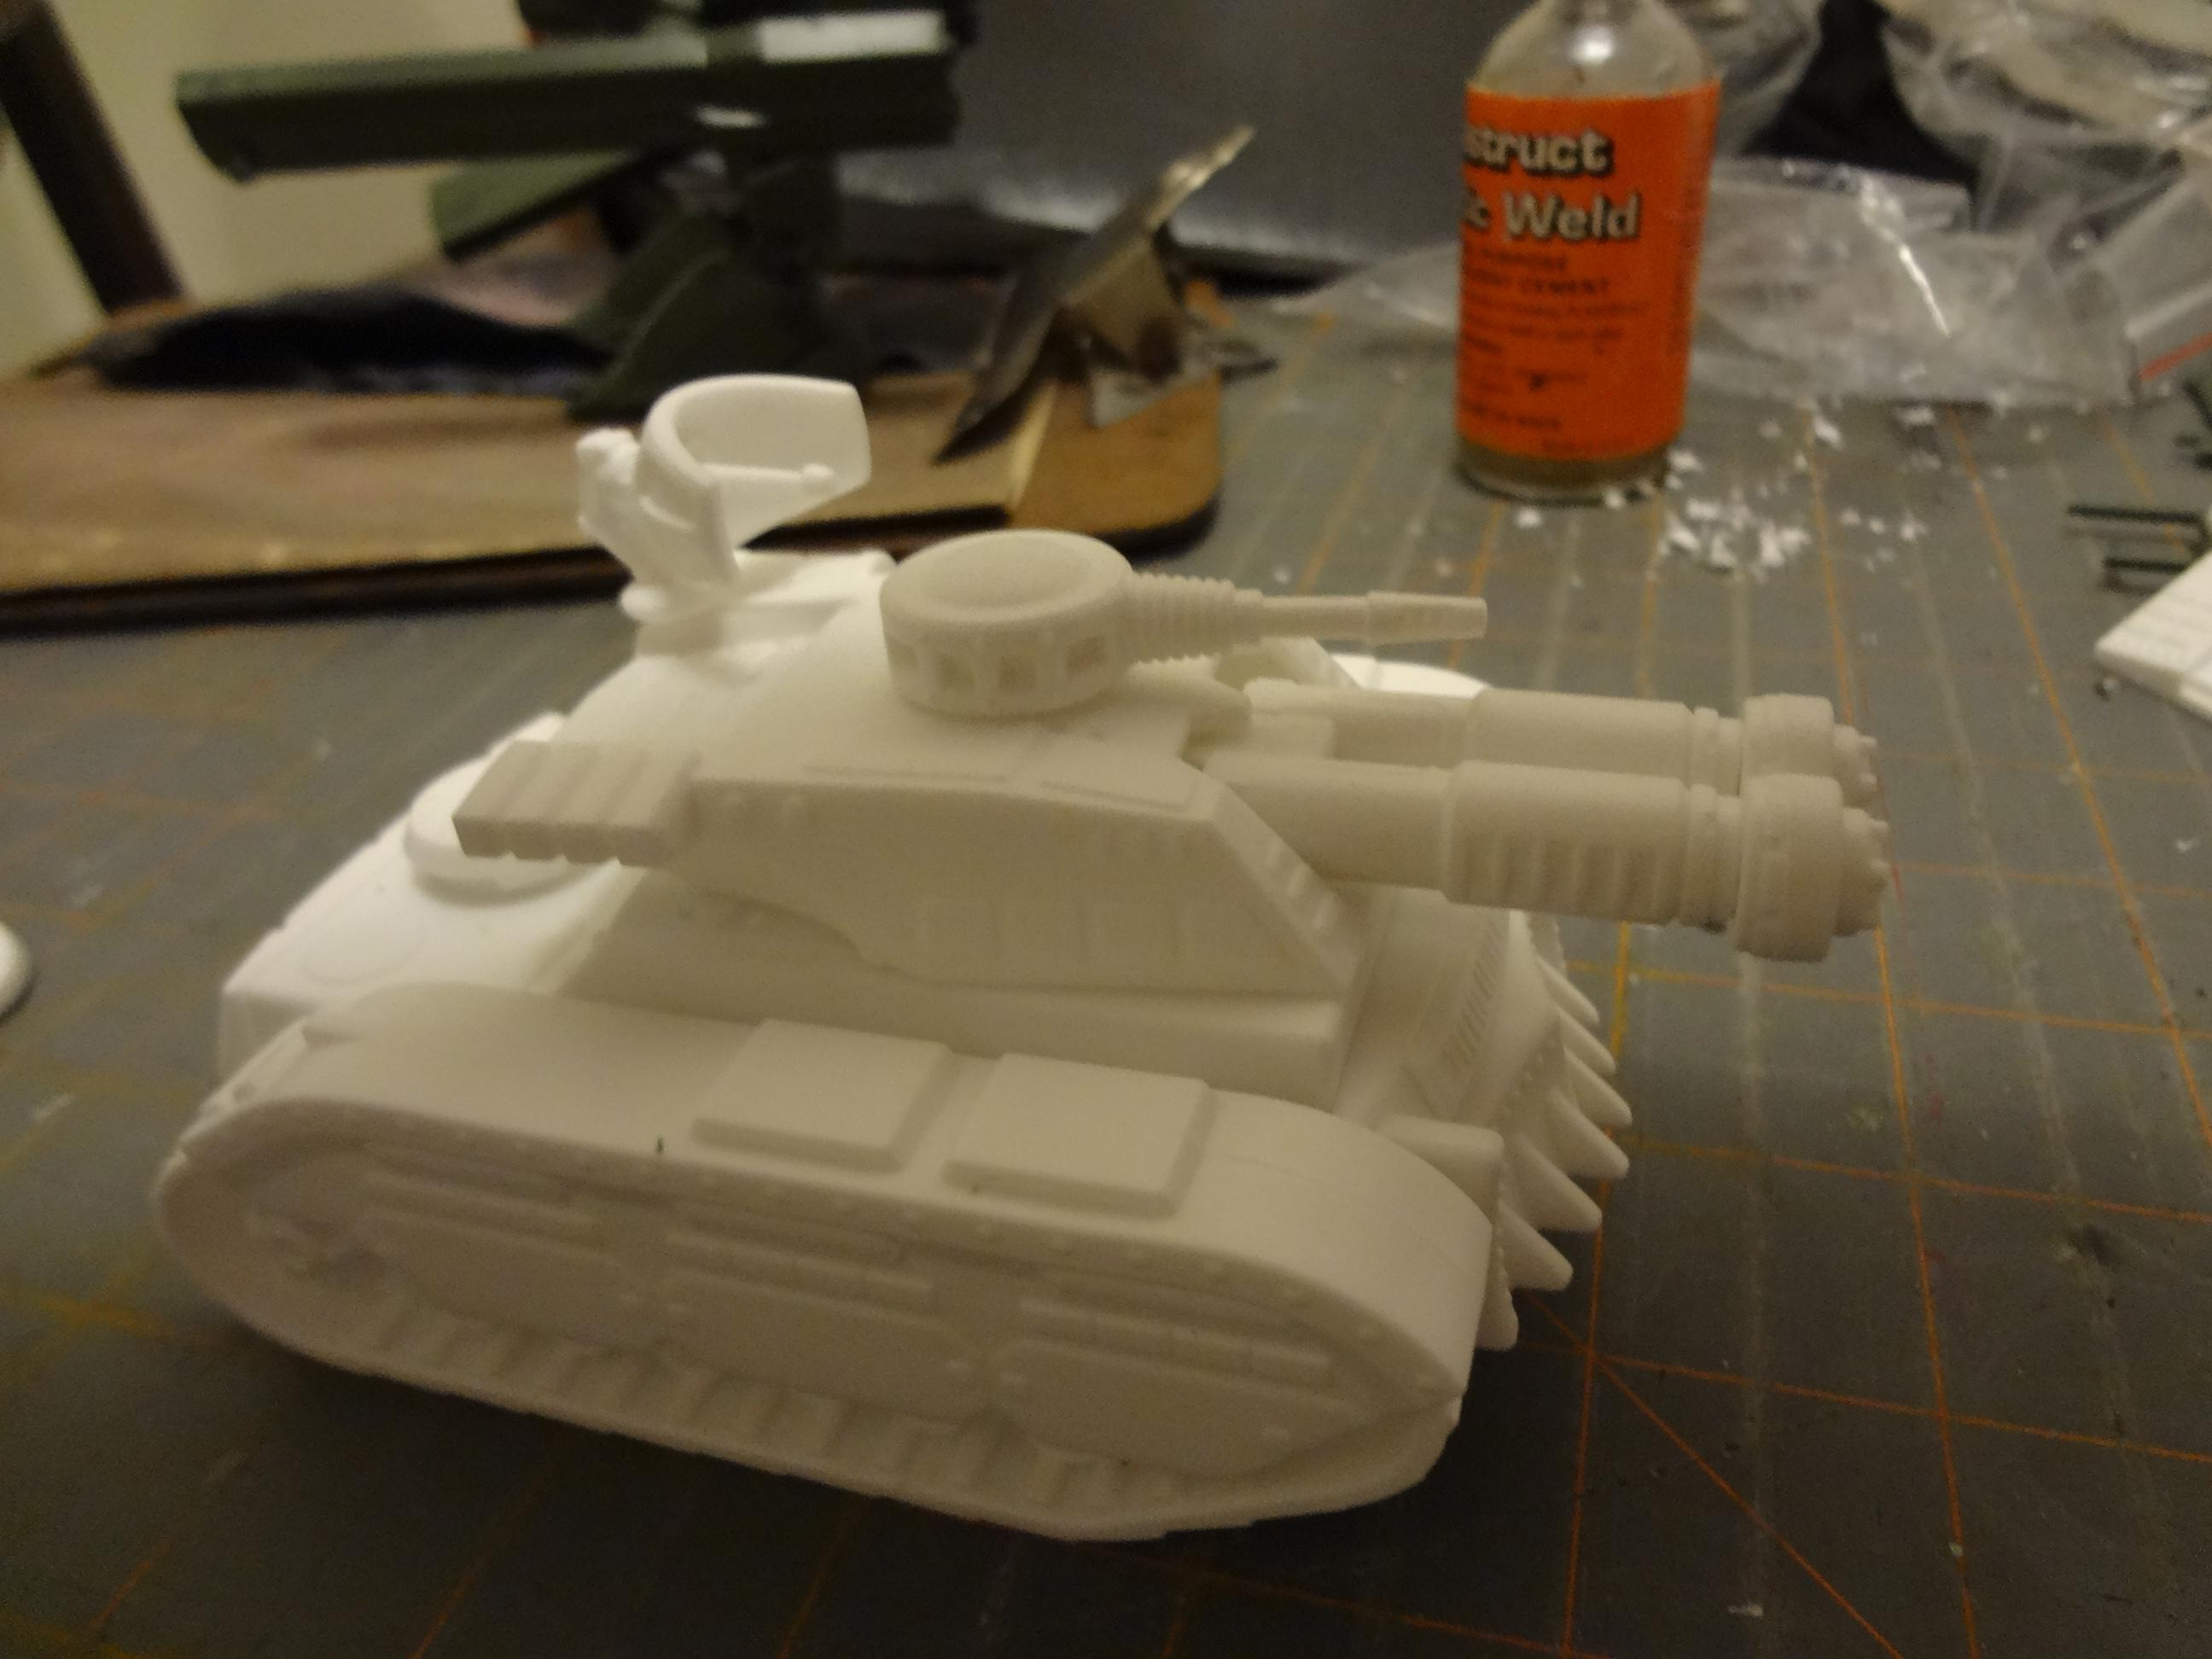 28mm, Bronekorpus, Cheap, Robogear, Russians, Tank, Tehnolog